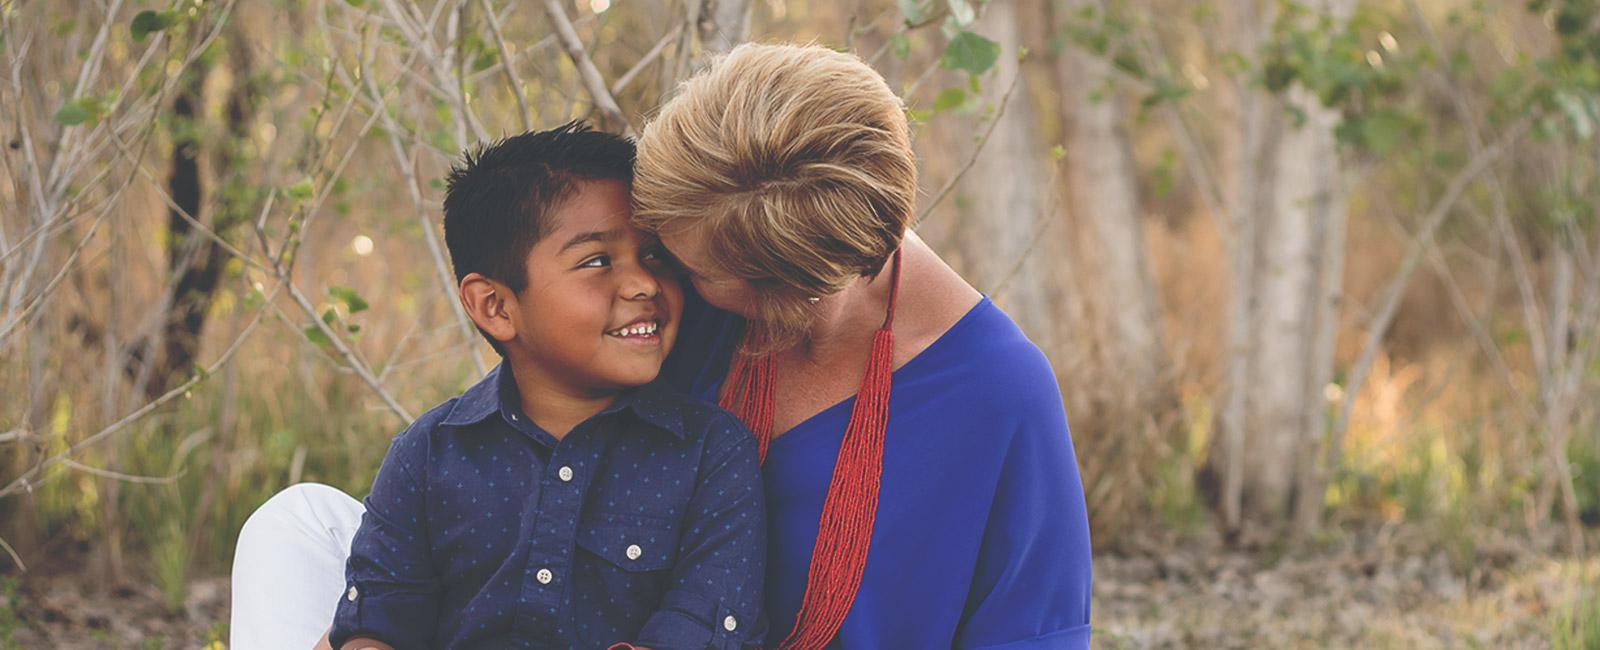 Tbri Caregiving Training Connecting Principles Arizona 127